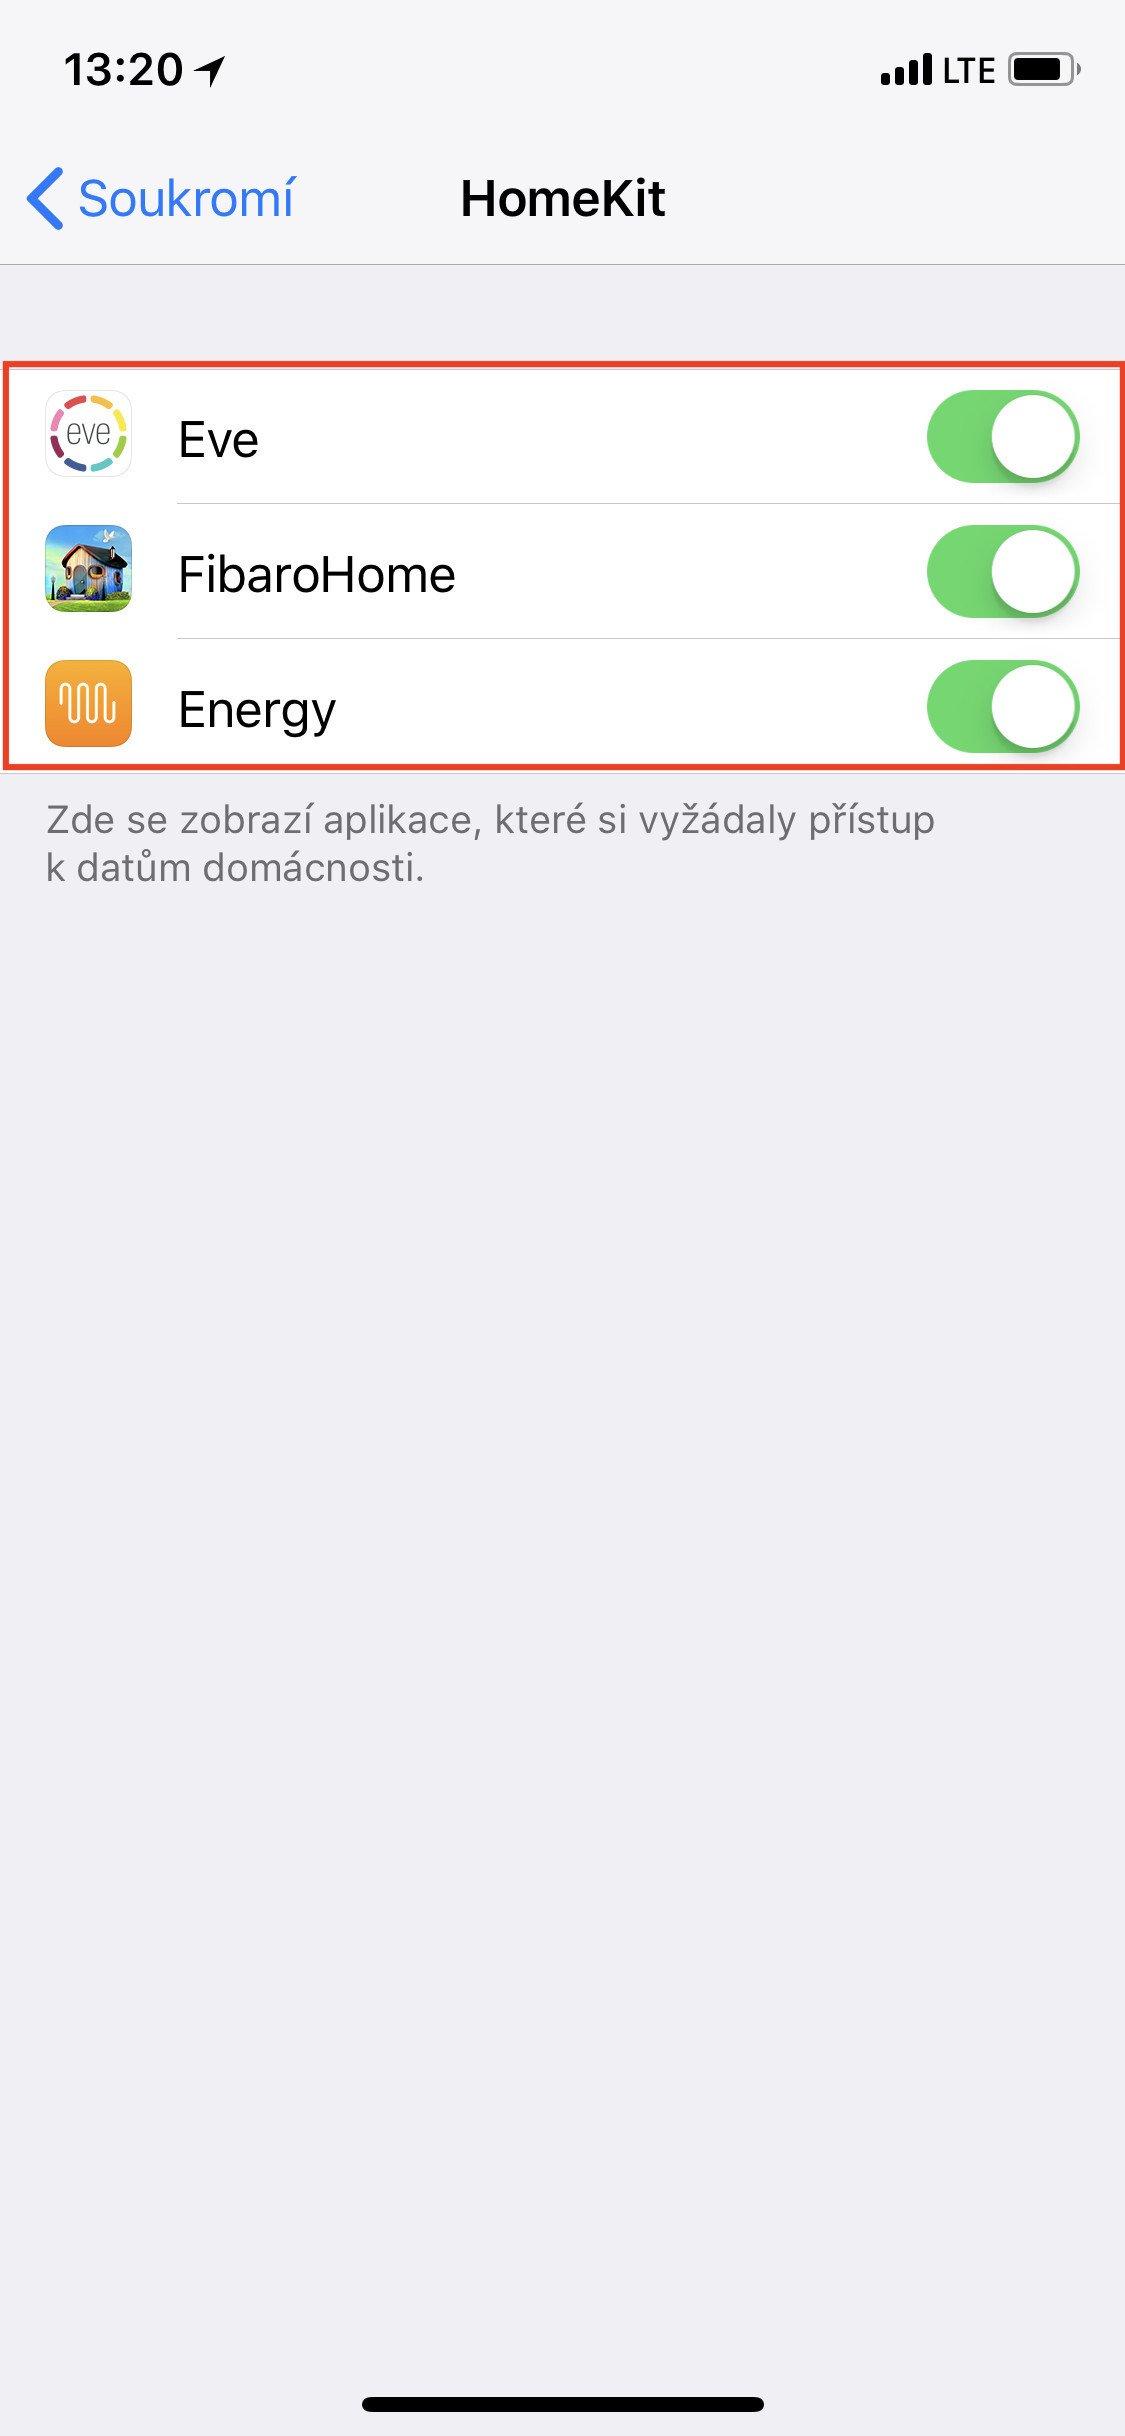 Obrazovka iOS HomeKit s aplikacemi, které na služby HomeKit mohou přistupovat